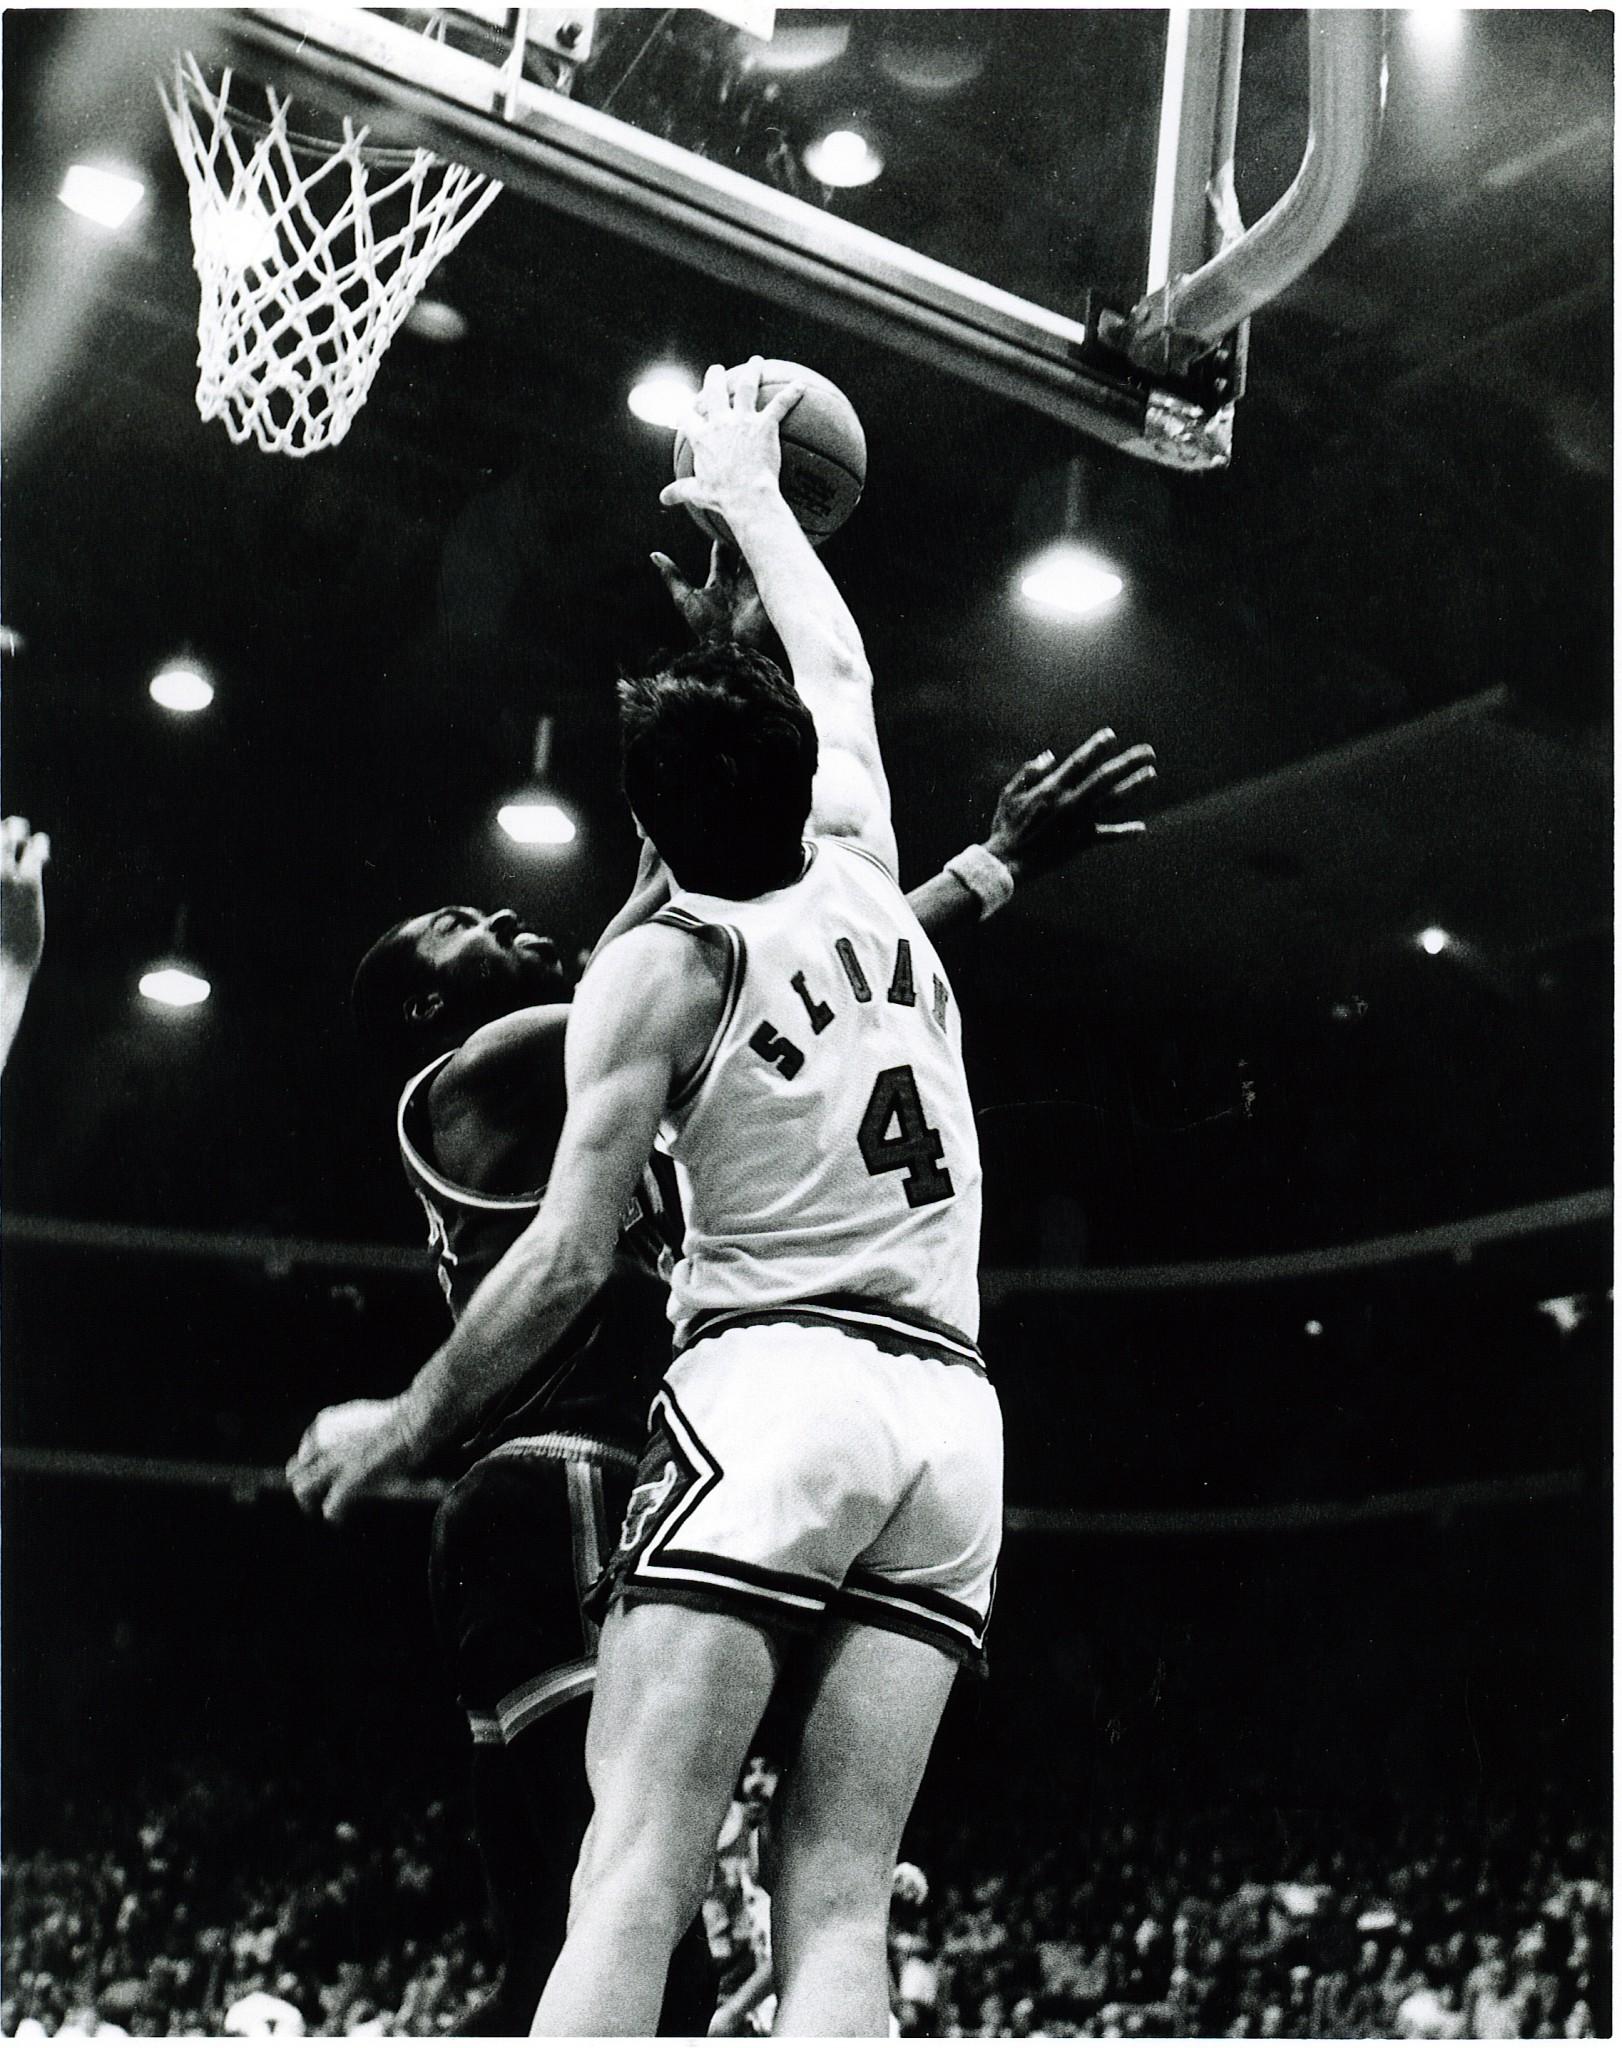 1975-01-18 - v NYK - Jerry Sloan blocks Earl Monroe (Billy Franklin)